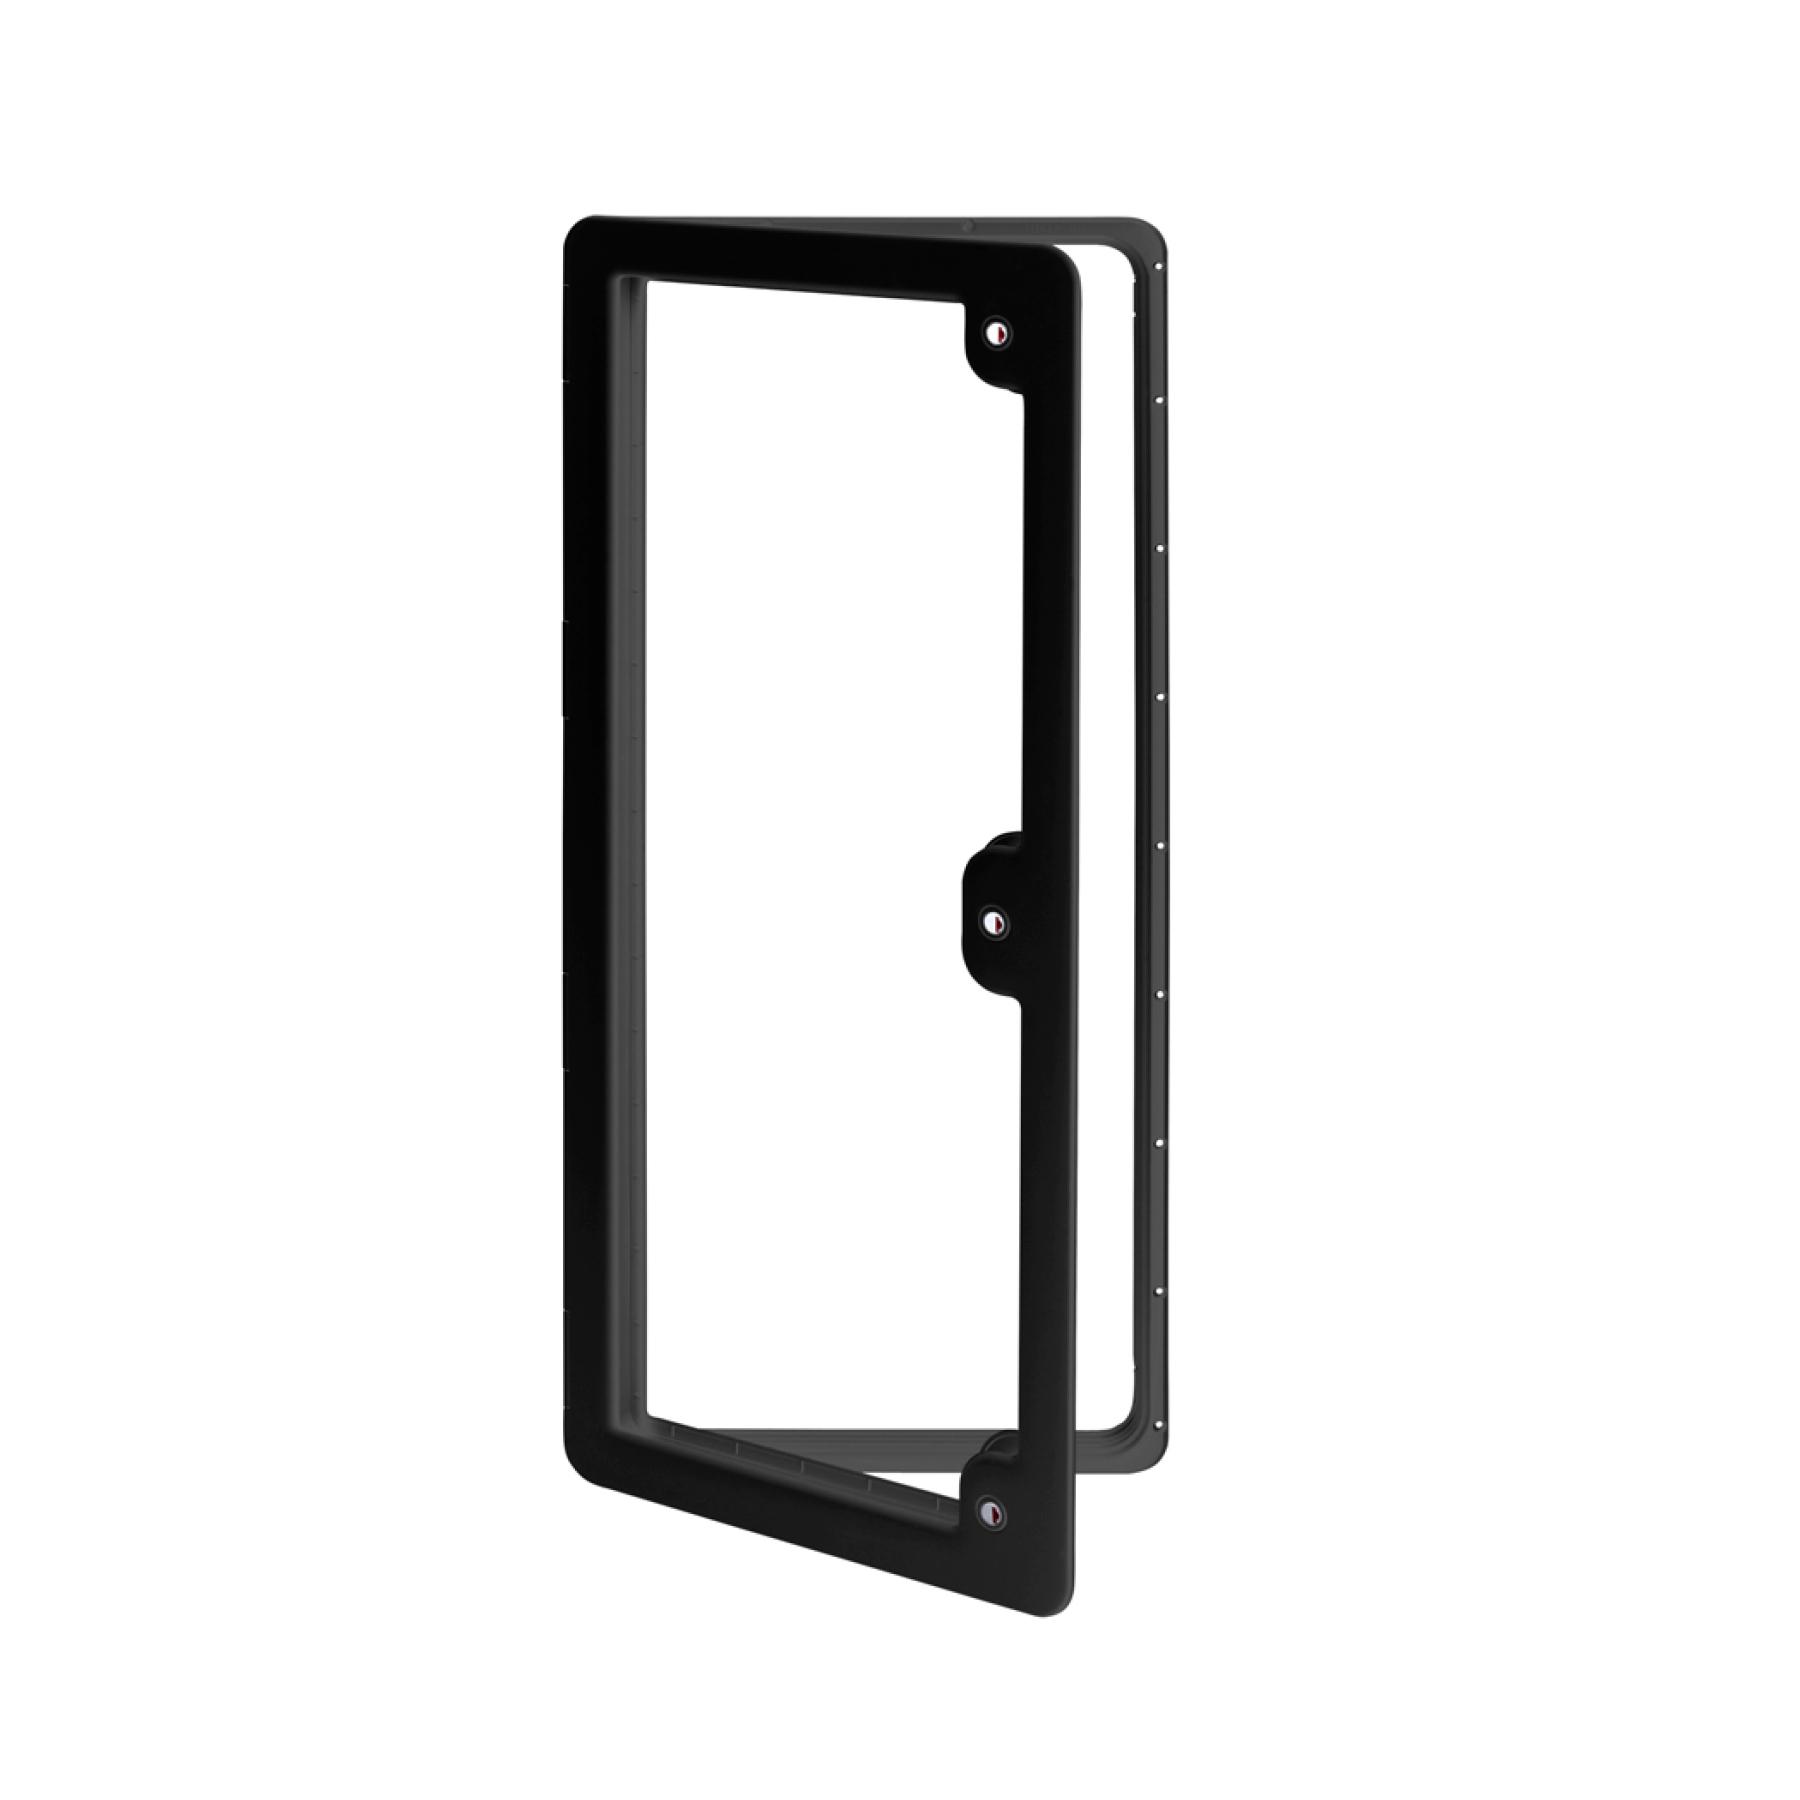 SERVICE DOOR 6 – BLACK